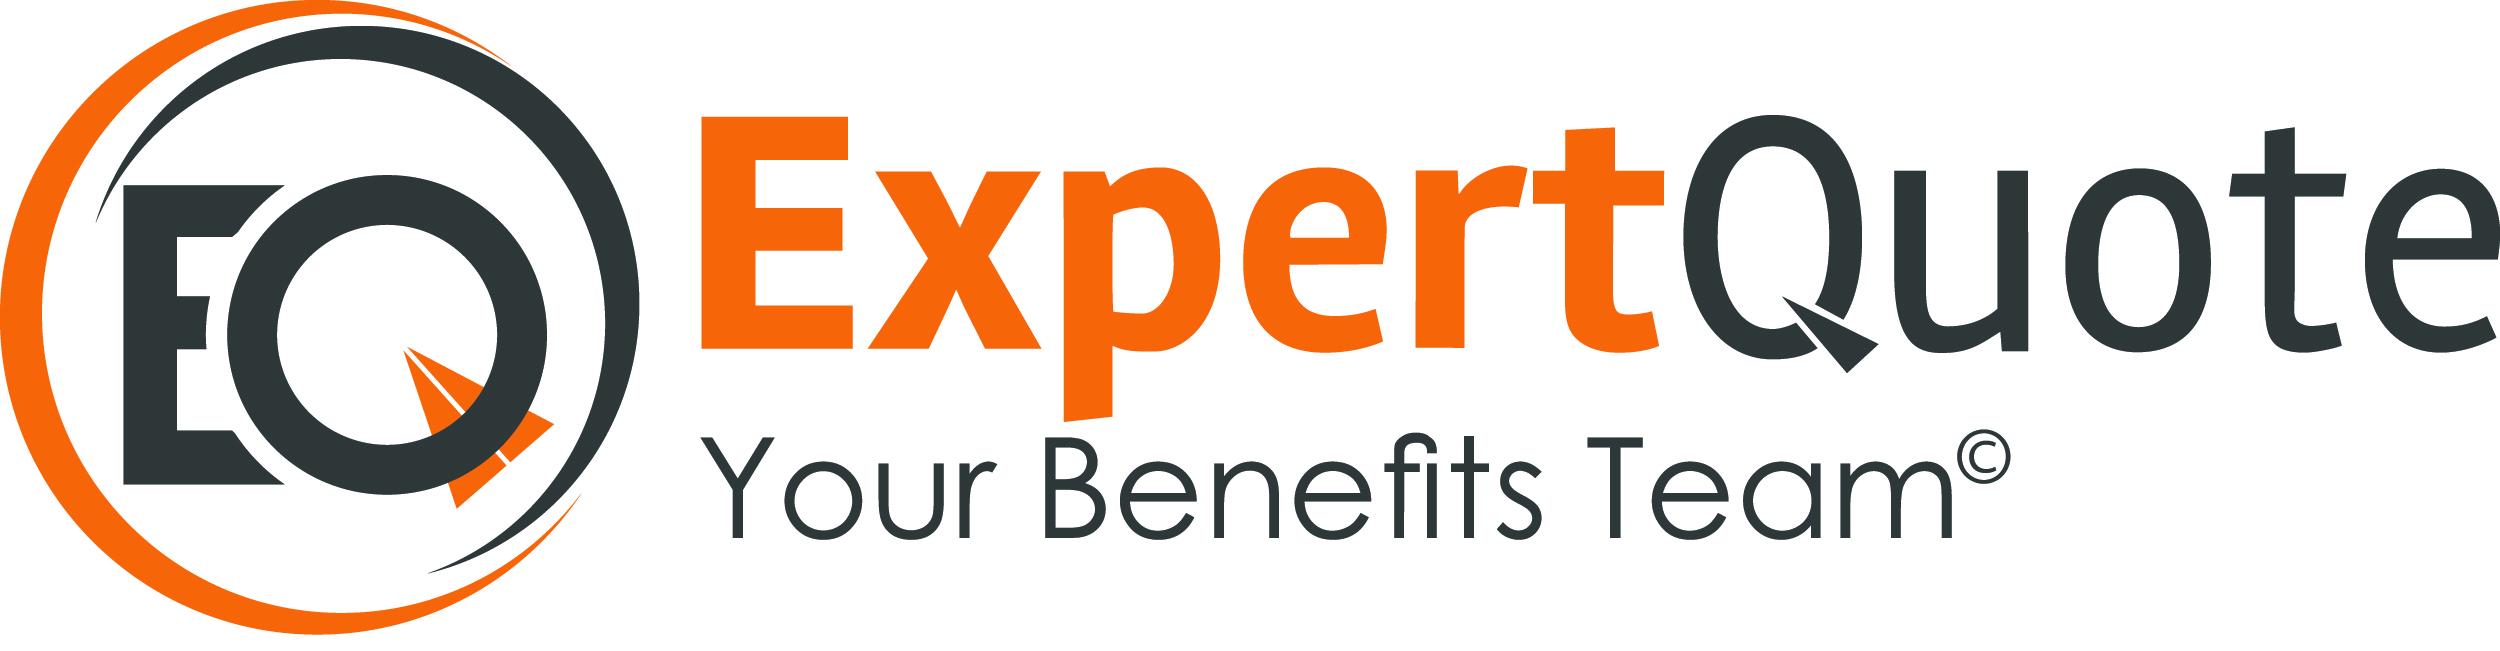 ExpertQuote